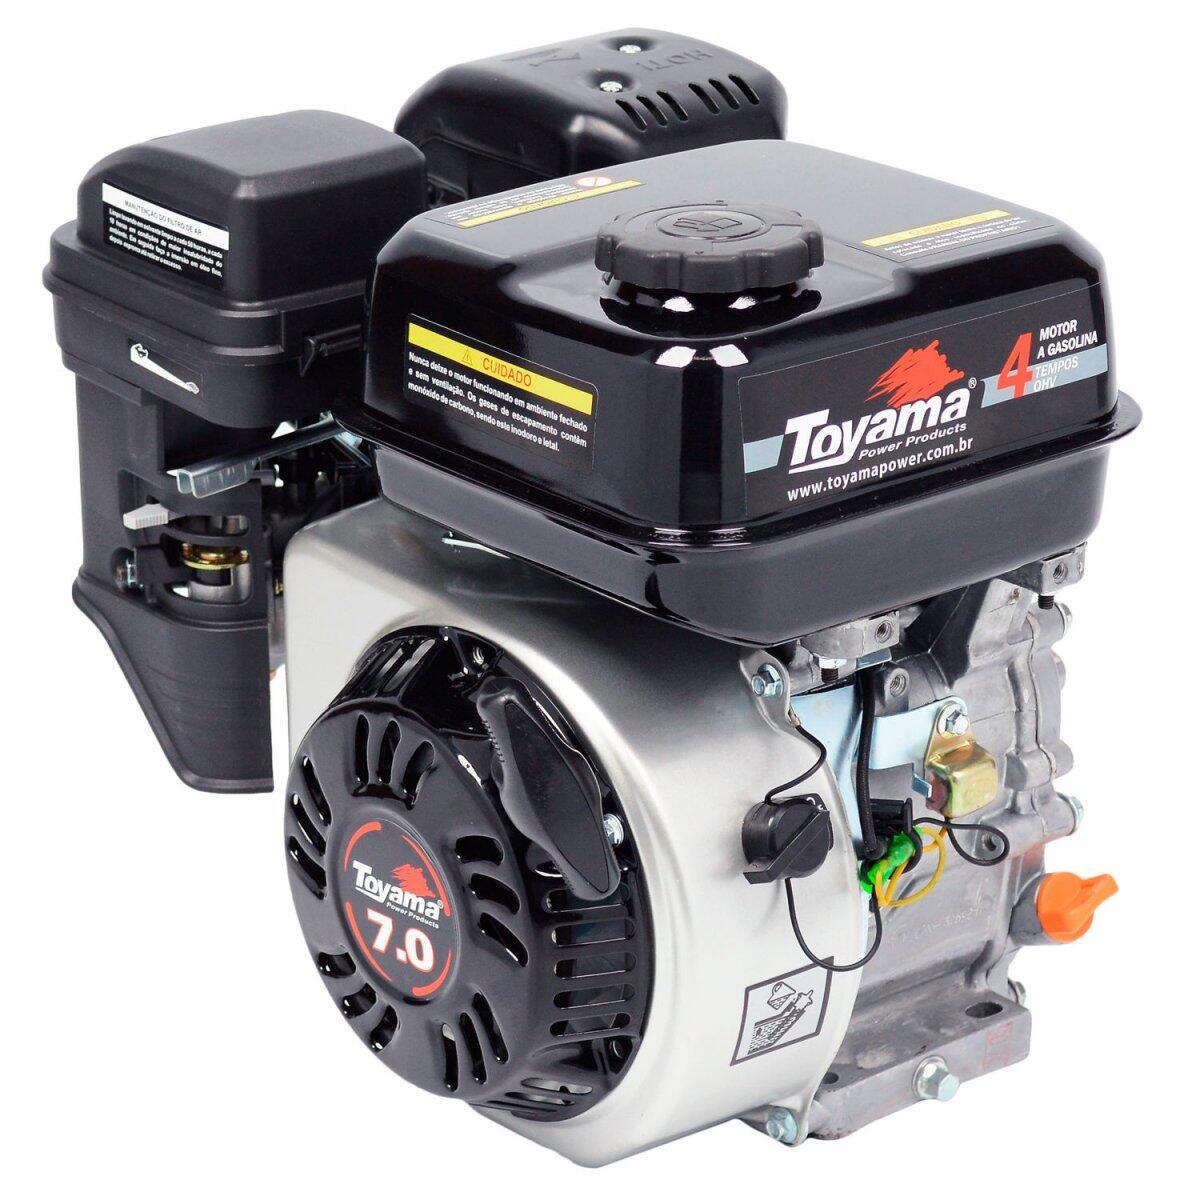 Motor Com Rabeta Fixa para Popa de Barcos 2,20M 7HP Toyama